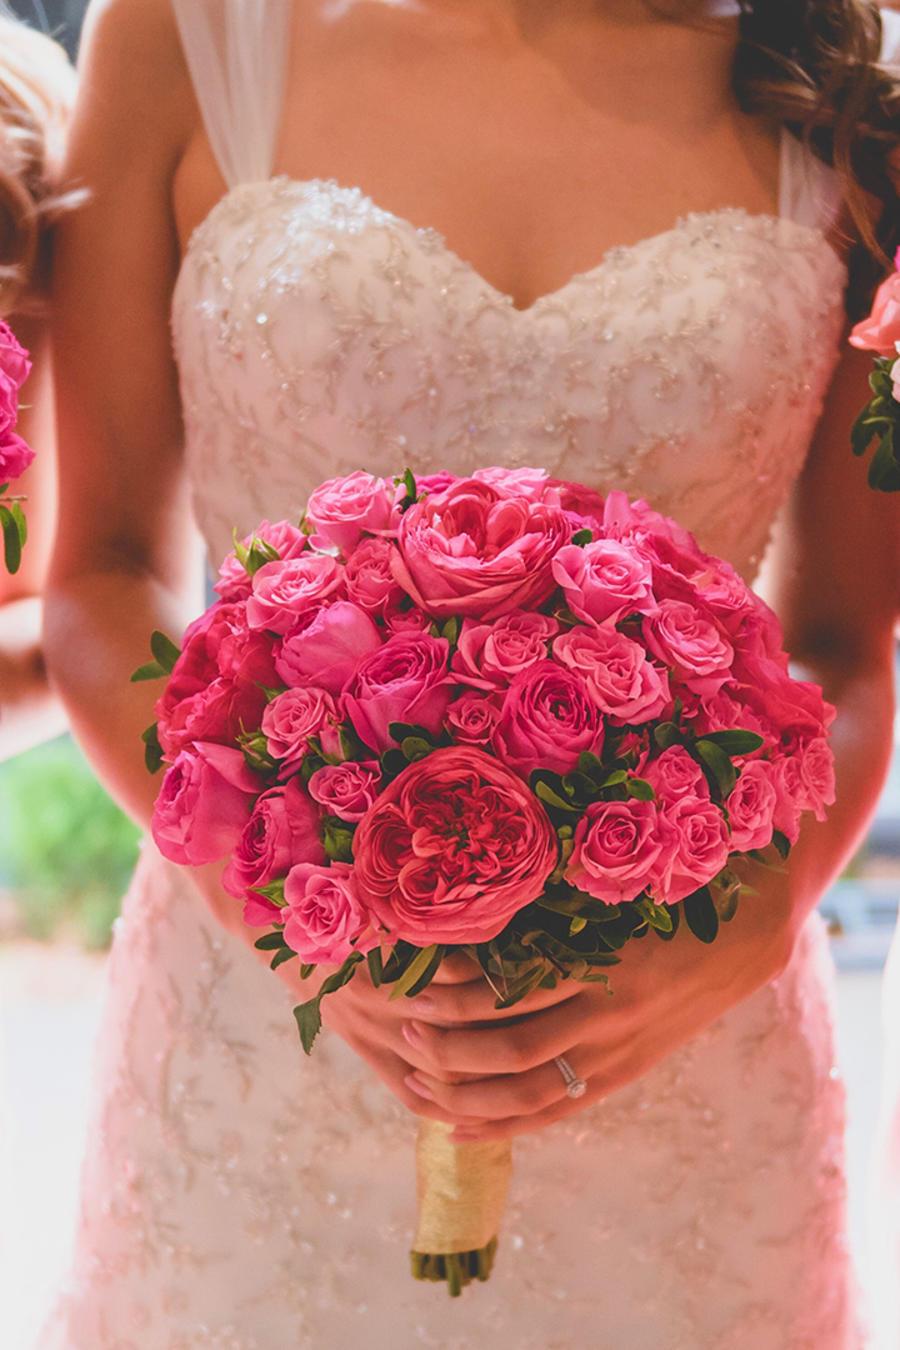 Novia y damas de honor con sus ramos hechos con rosas.